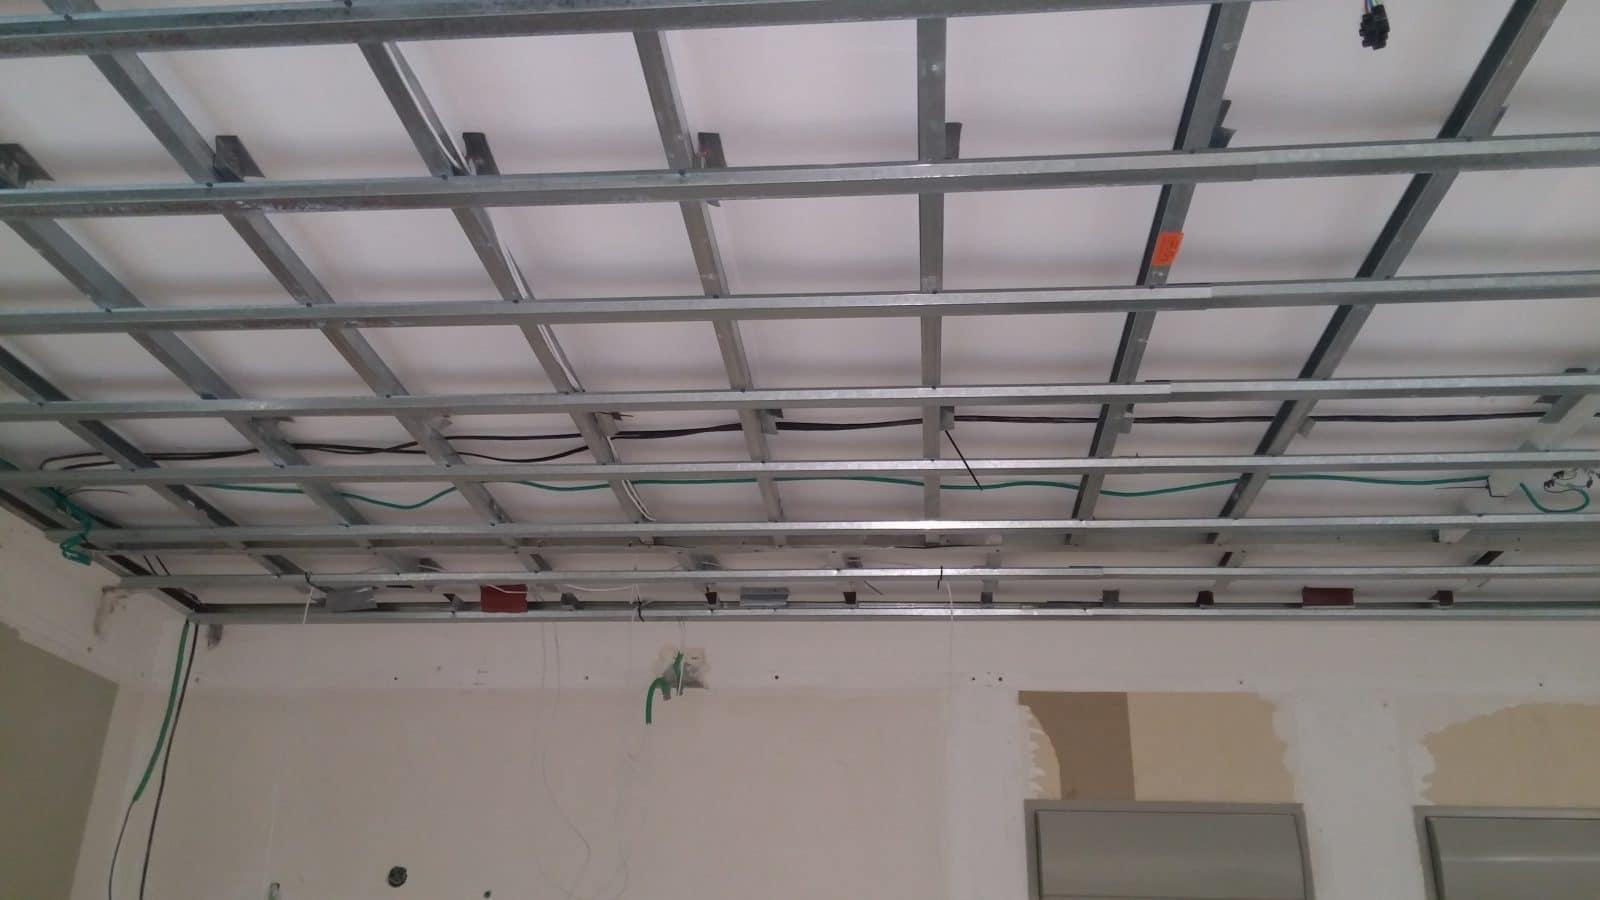 בניית קונסטרוקציה לתקרה - שילוב אומגות